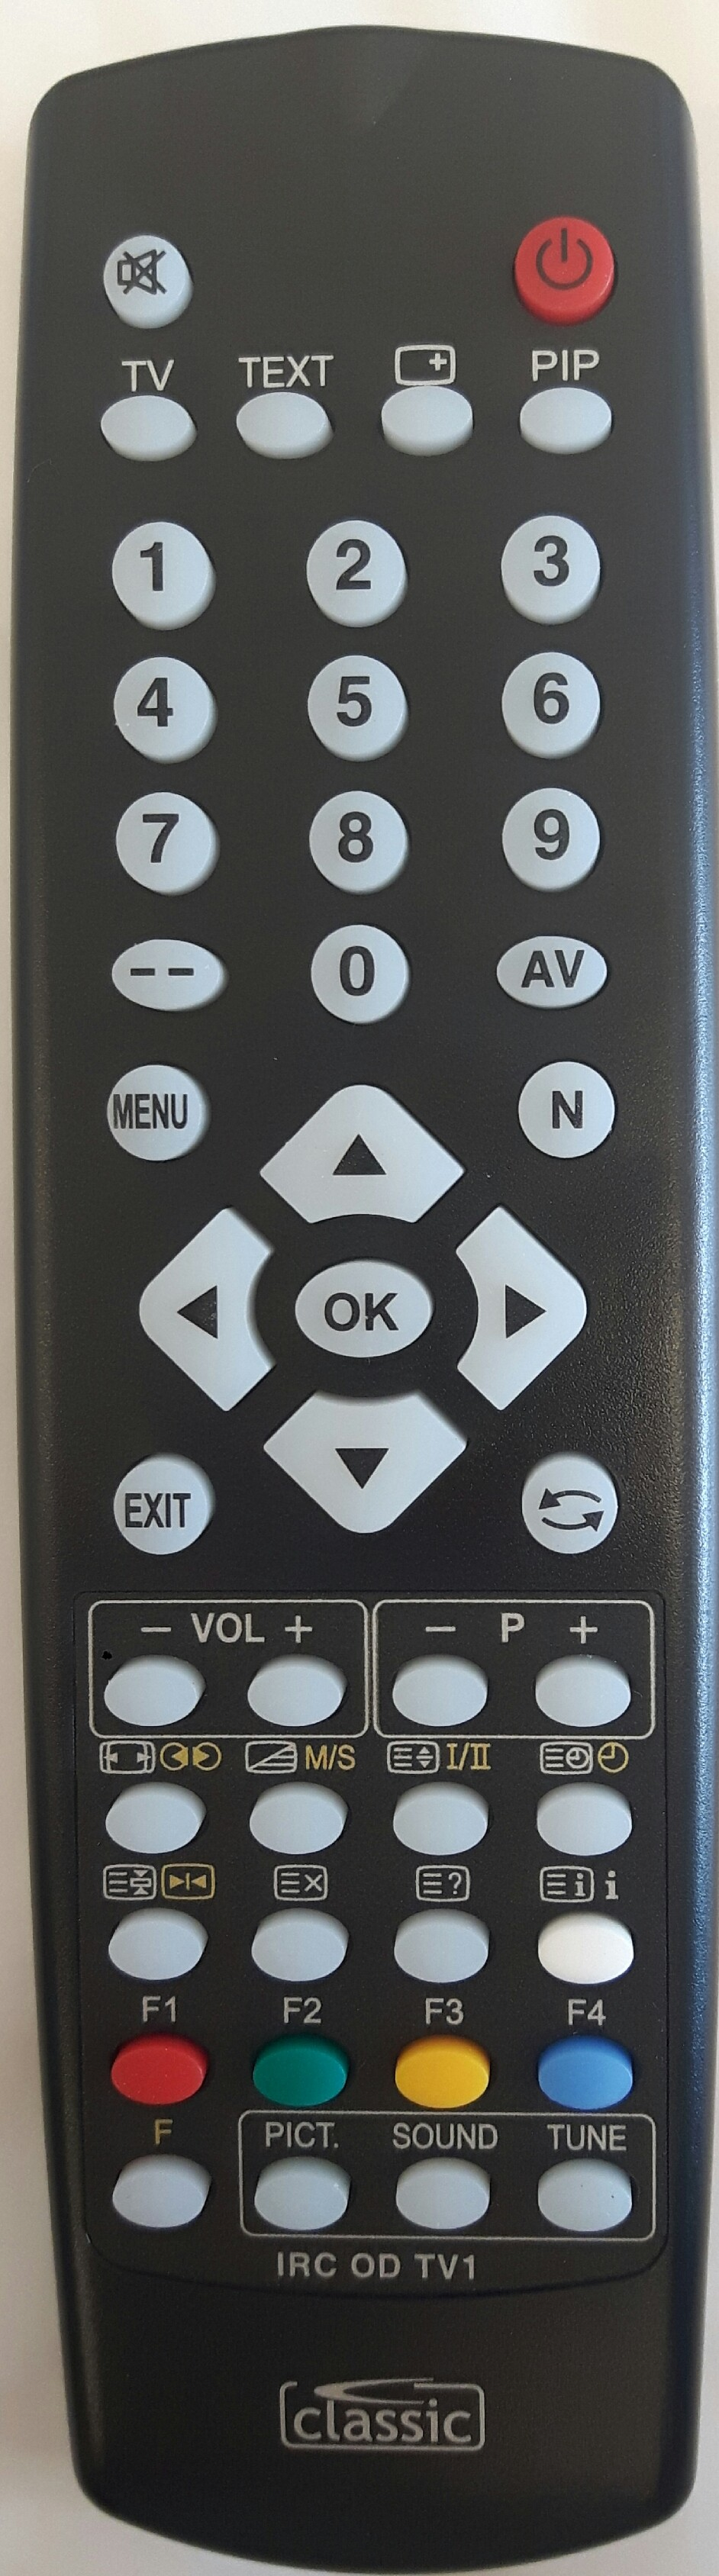 MATSUI KK-Y304 Remote Control Alternative